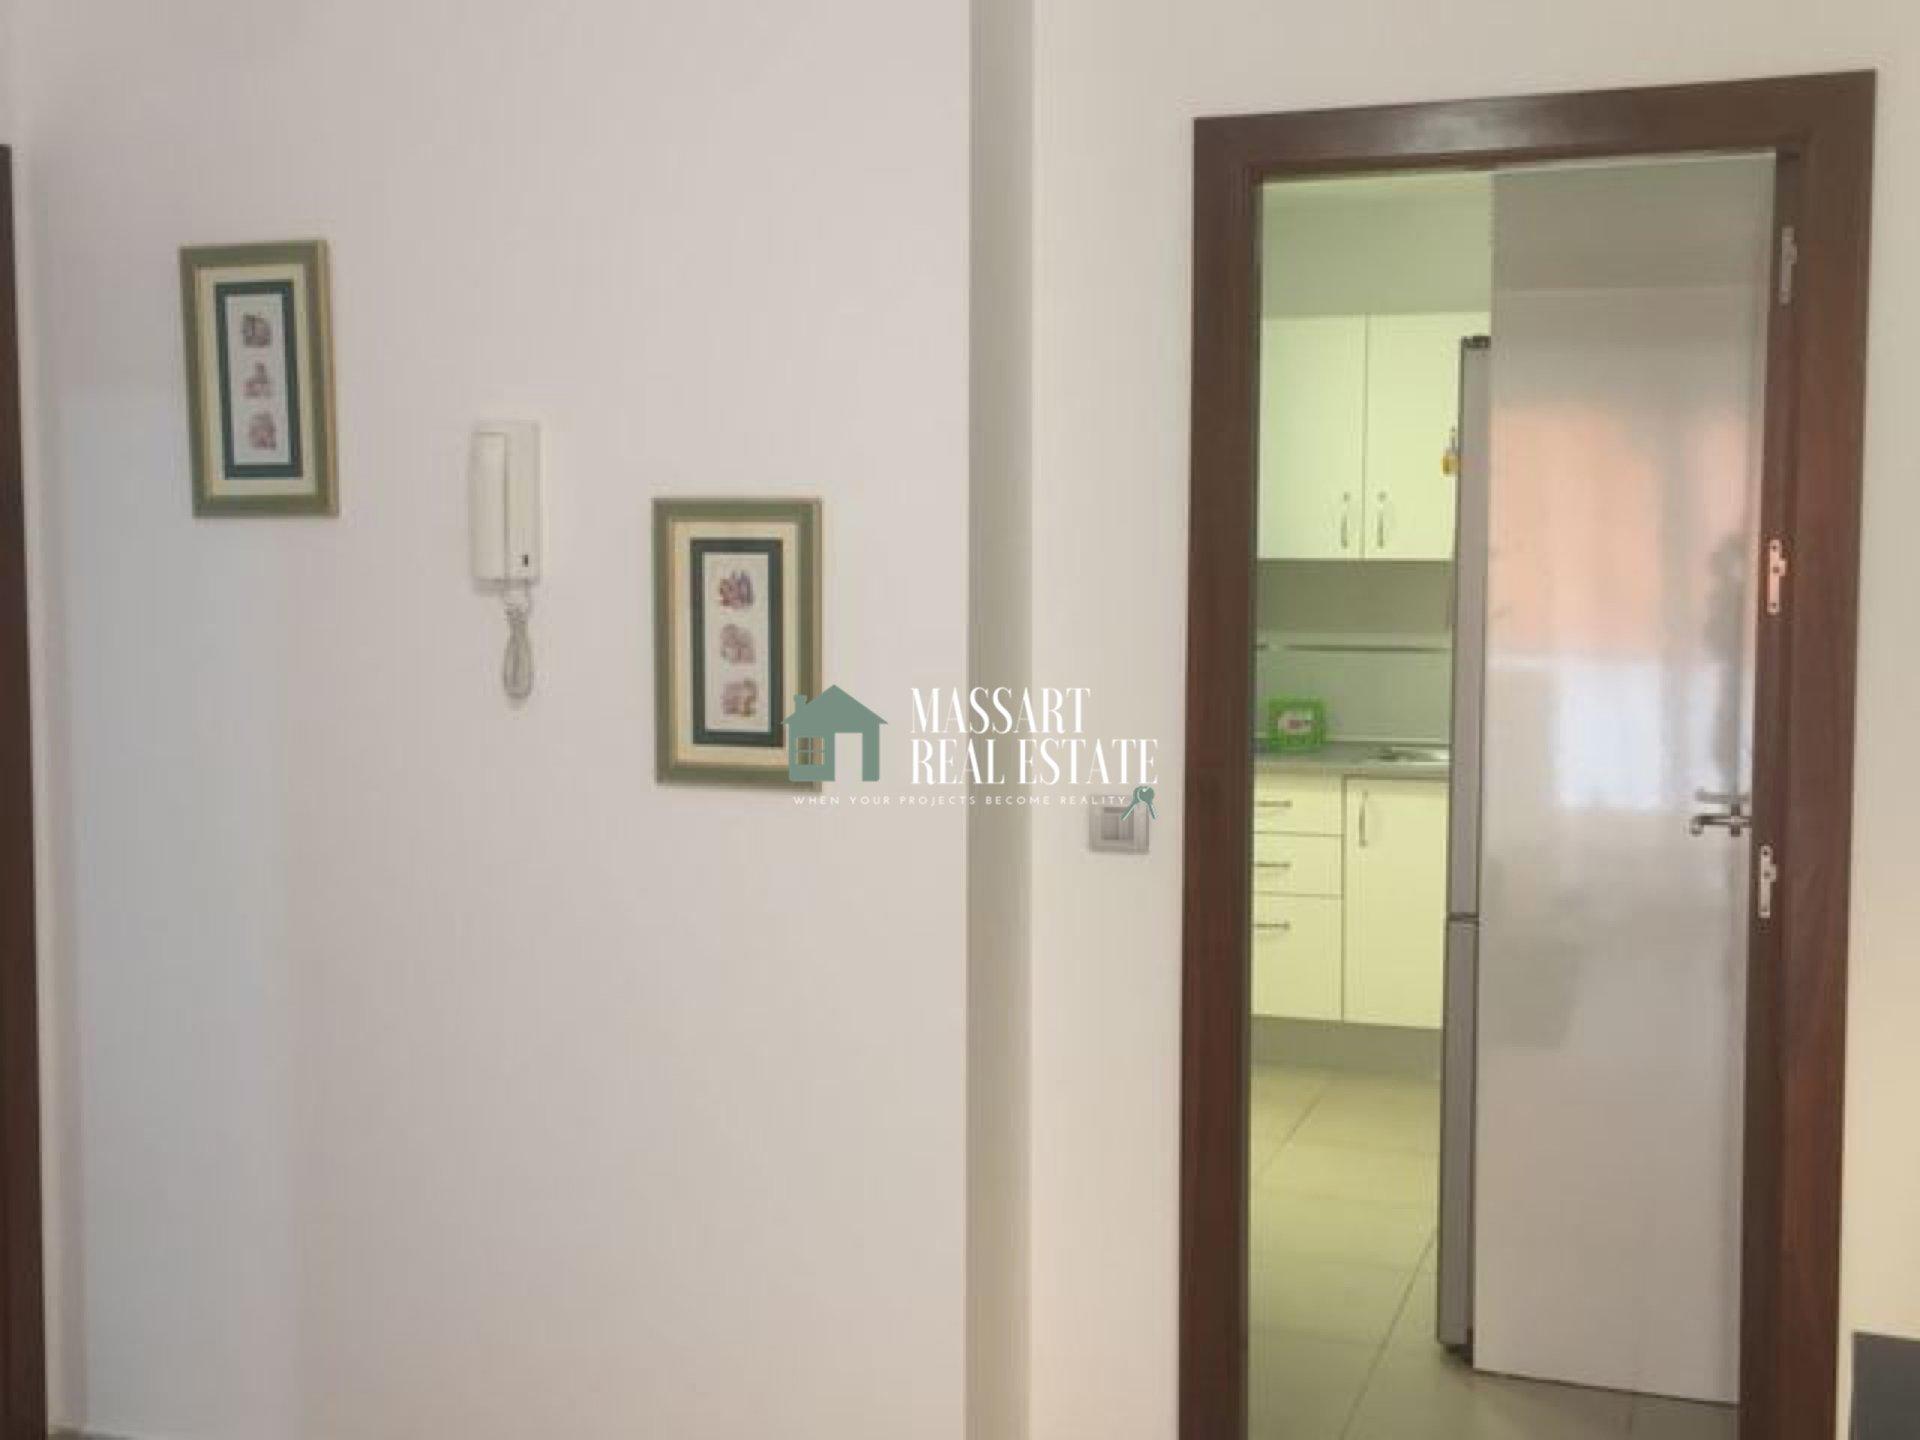 In affitto nella zona costiera di Alcalá (Guia de Isora), appartamento arredato di circa 60 m2 in stile moderno.